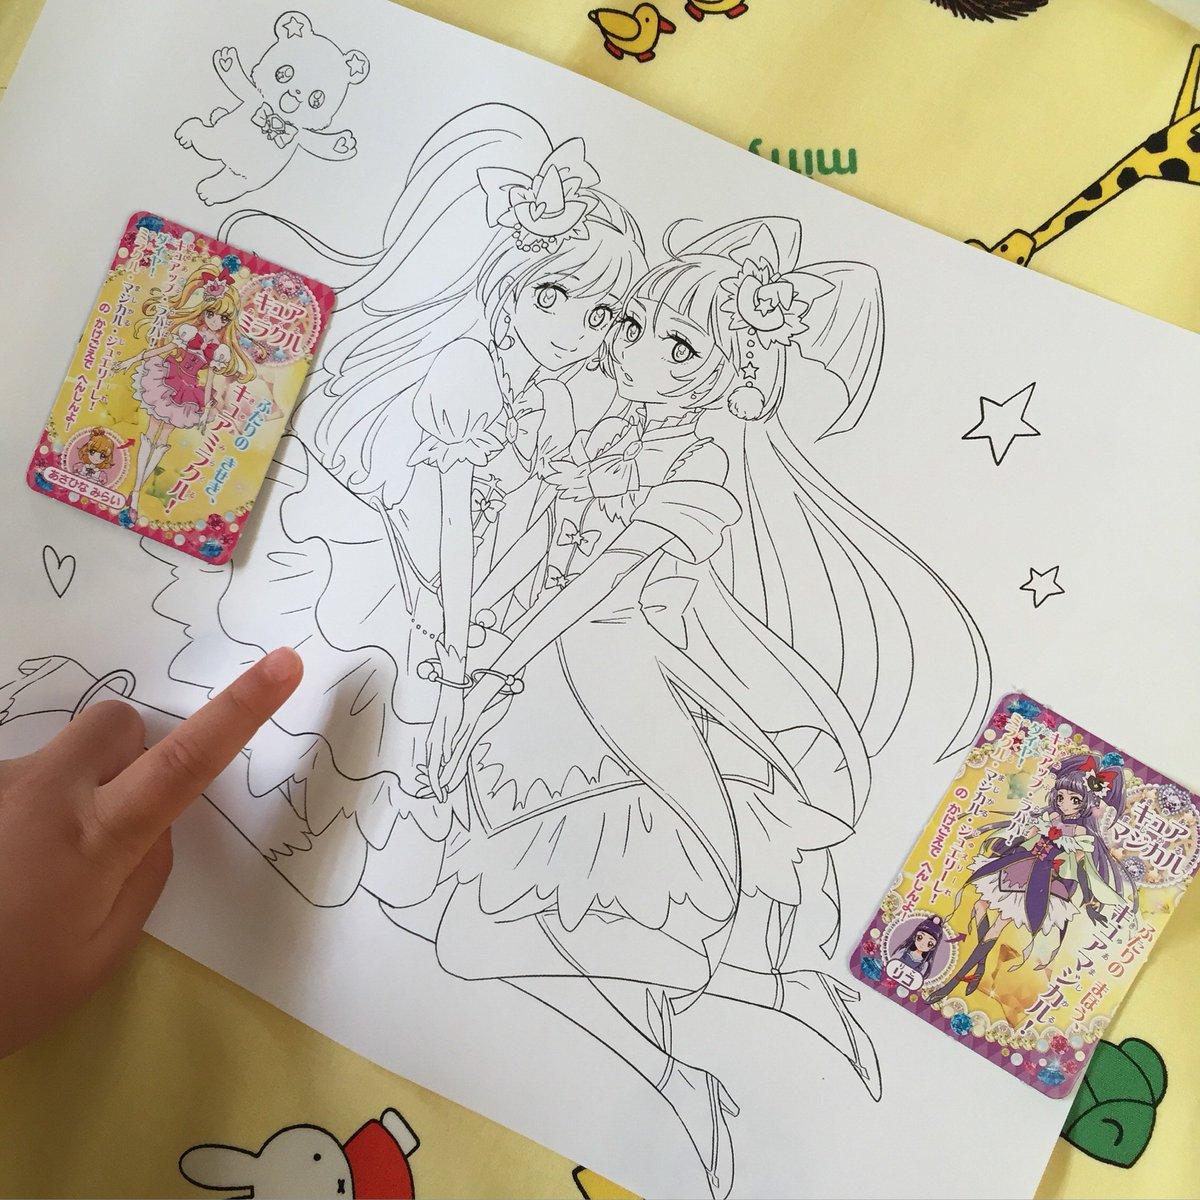 娘4歳が昼寝してる隙に魔法つかいプリキュア自作塗り絵第2弾を作った。前回は適当すぎてわかりづらいとクレームついたのでお母さんの持てる技術の粋を集めて描いたんですが、逆に塗るところ多すぎて大変そう〜☆娘よ…がんばって塗ってくれよな! https://t.co/eDZHBlfKKW